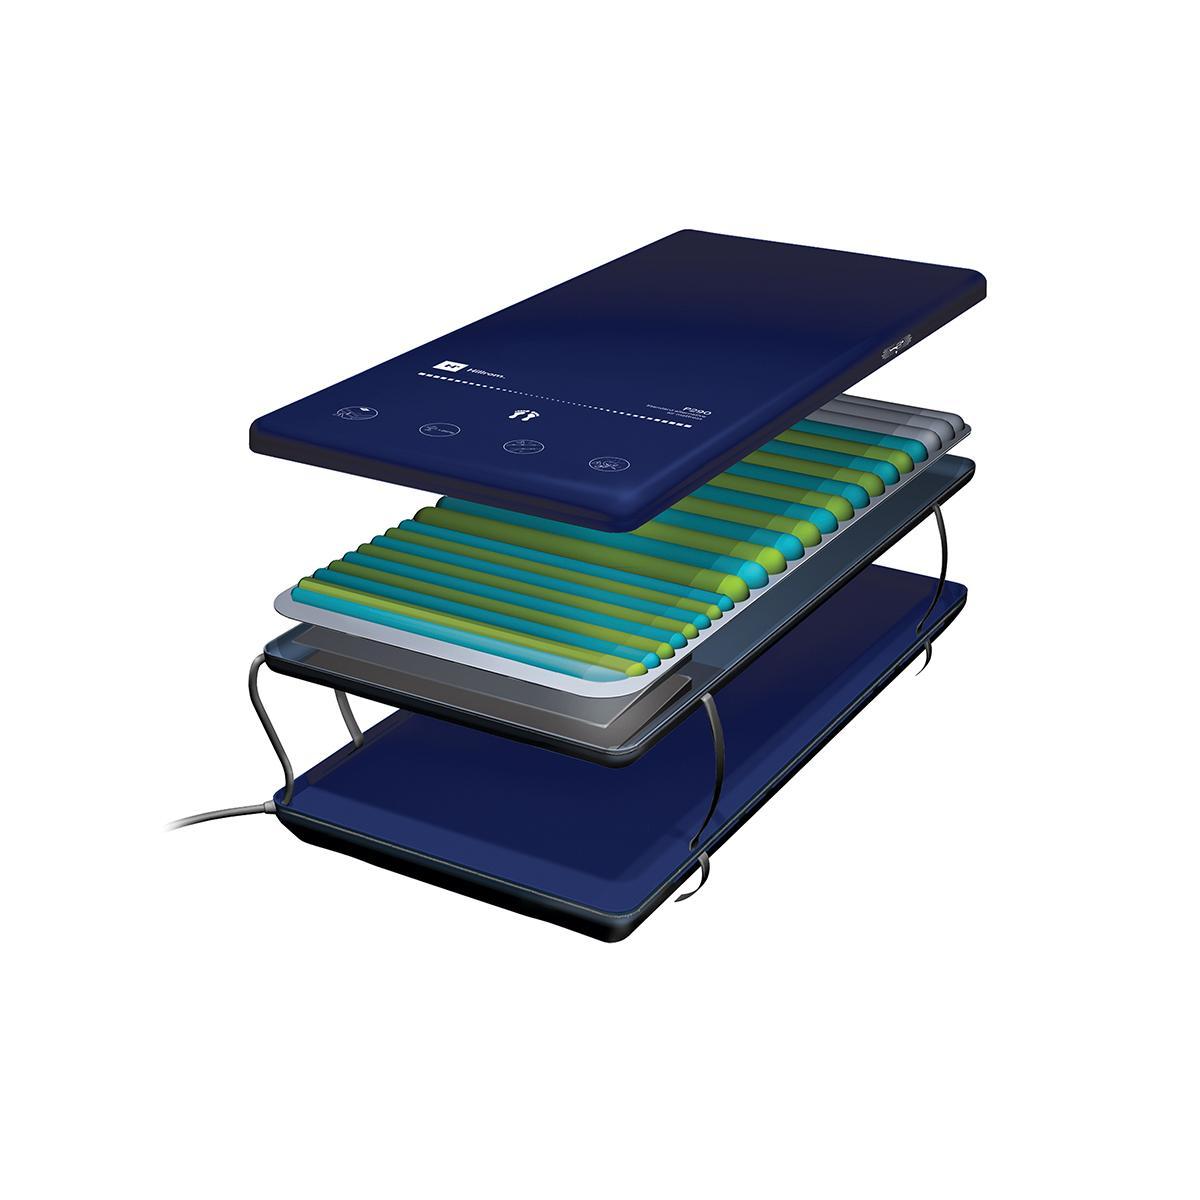 SuperficieP290, opción de espuma, vista ampliada ¾ que muestra las capas exteriores e interiores